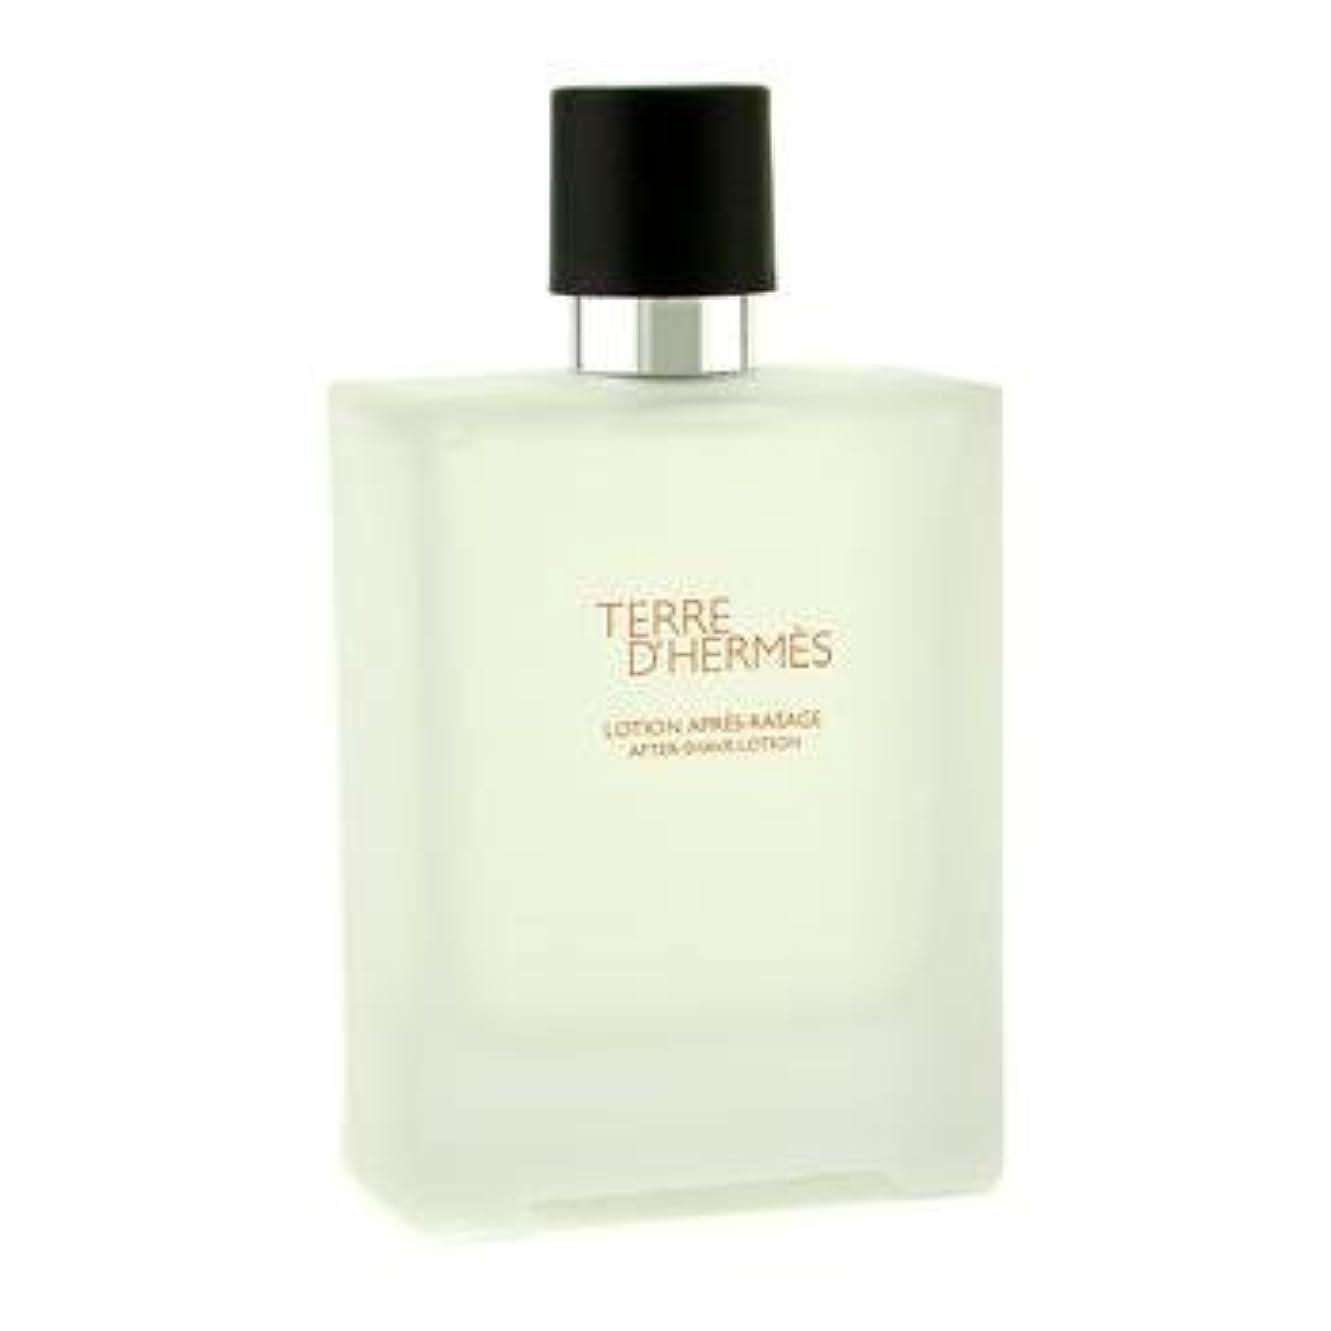 ベルベット拳バックアップHermes Terre D'Hermes After Shave Lotion - 100ml/3.3oz by Hermes [並行輸入品]